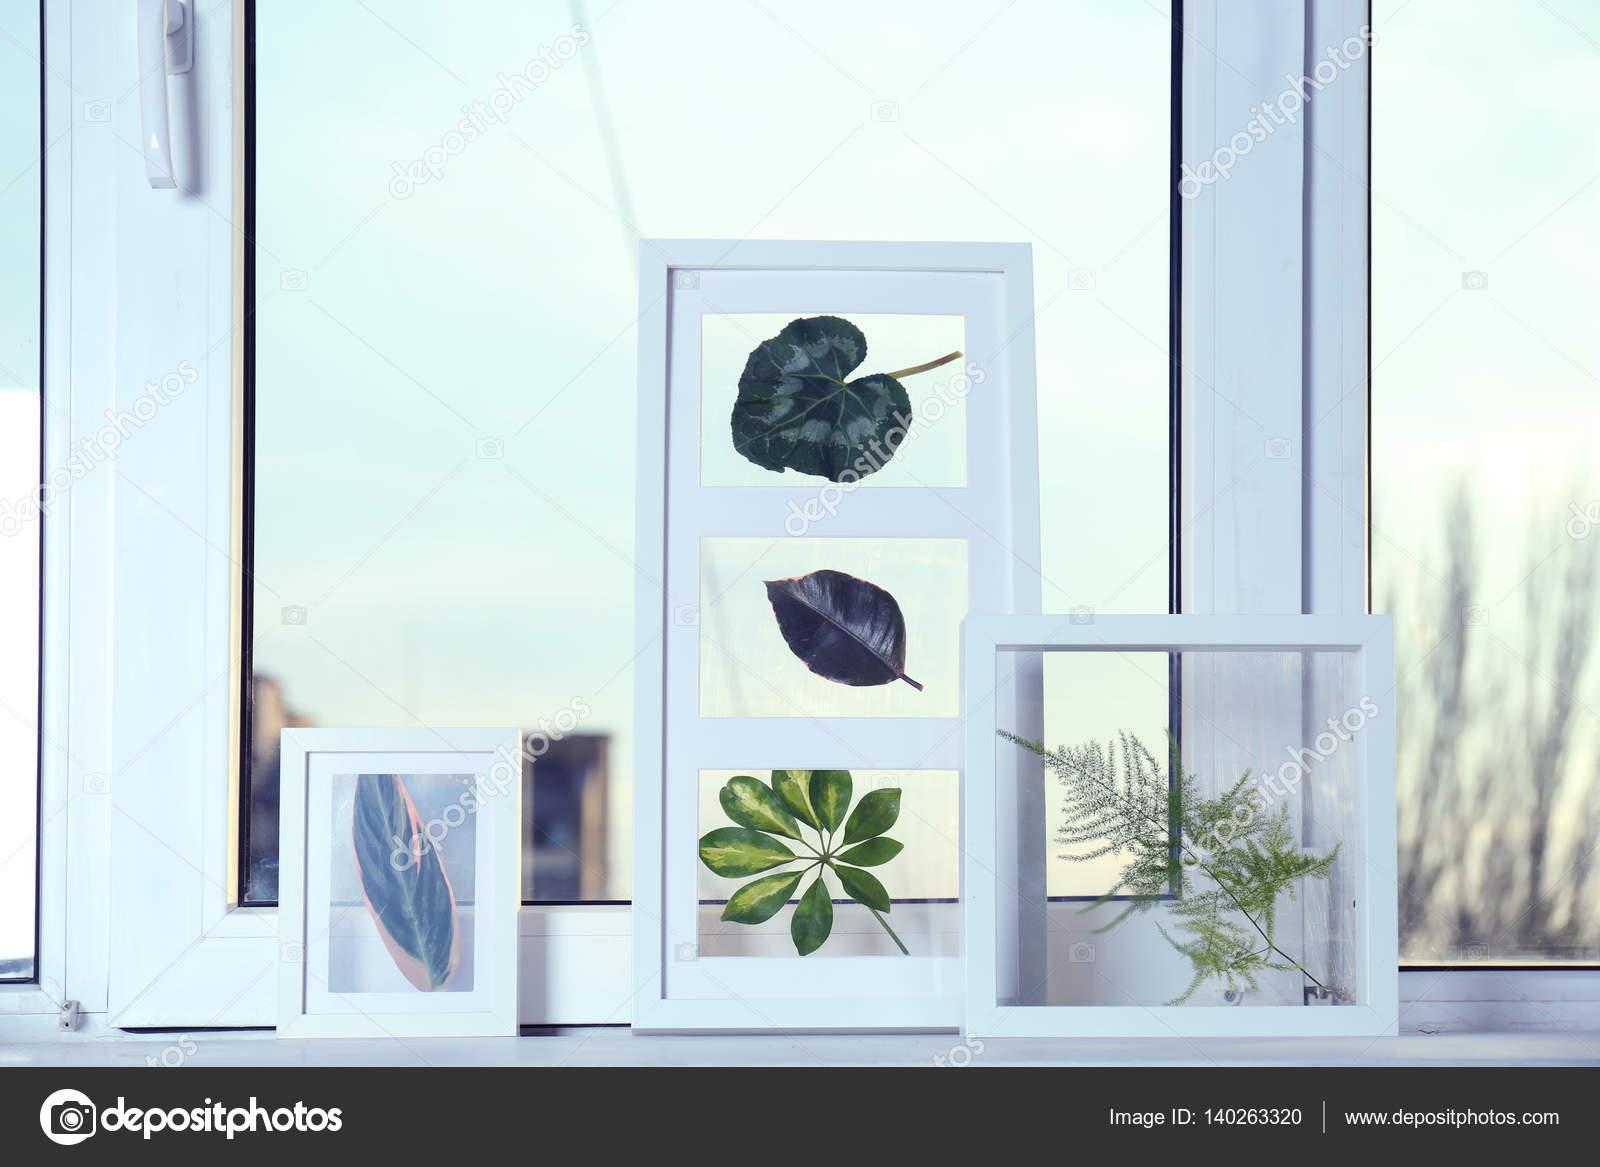 Cornici bianche con foglie verdi foto stock belchonock for Cornici bianche